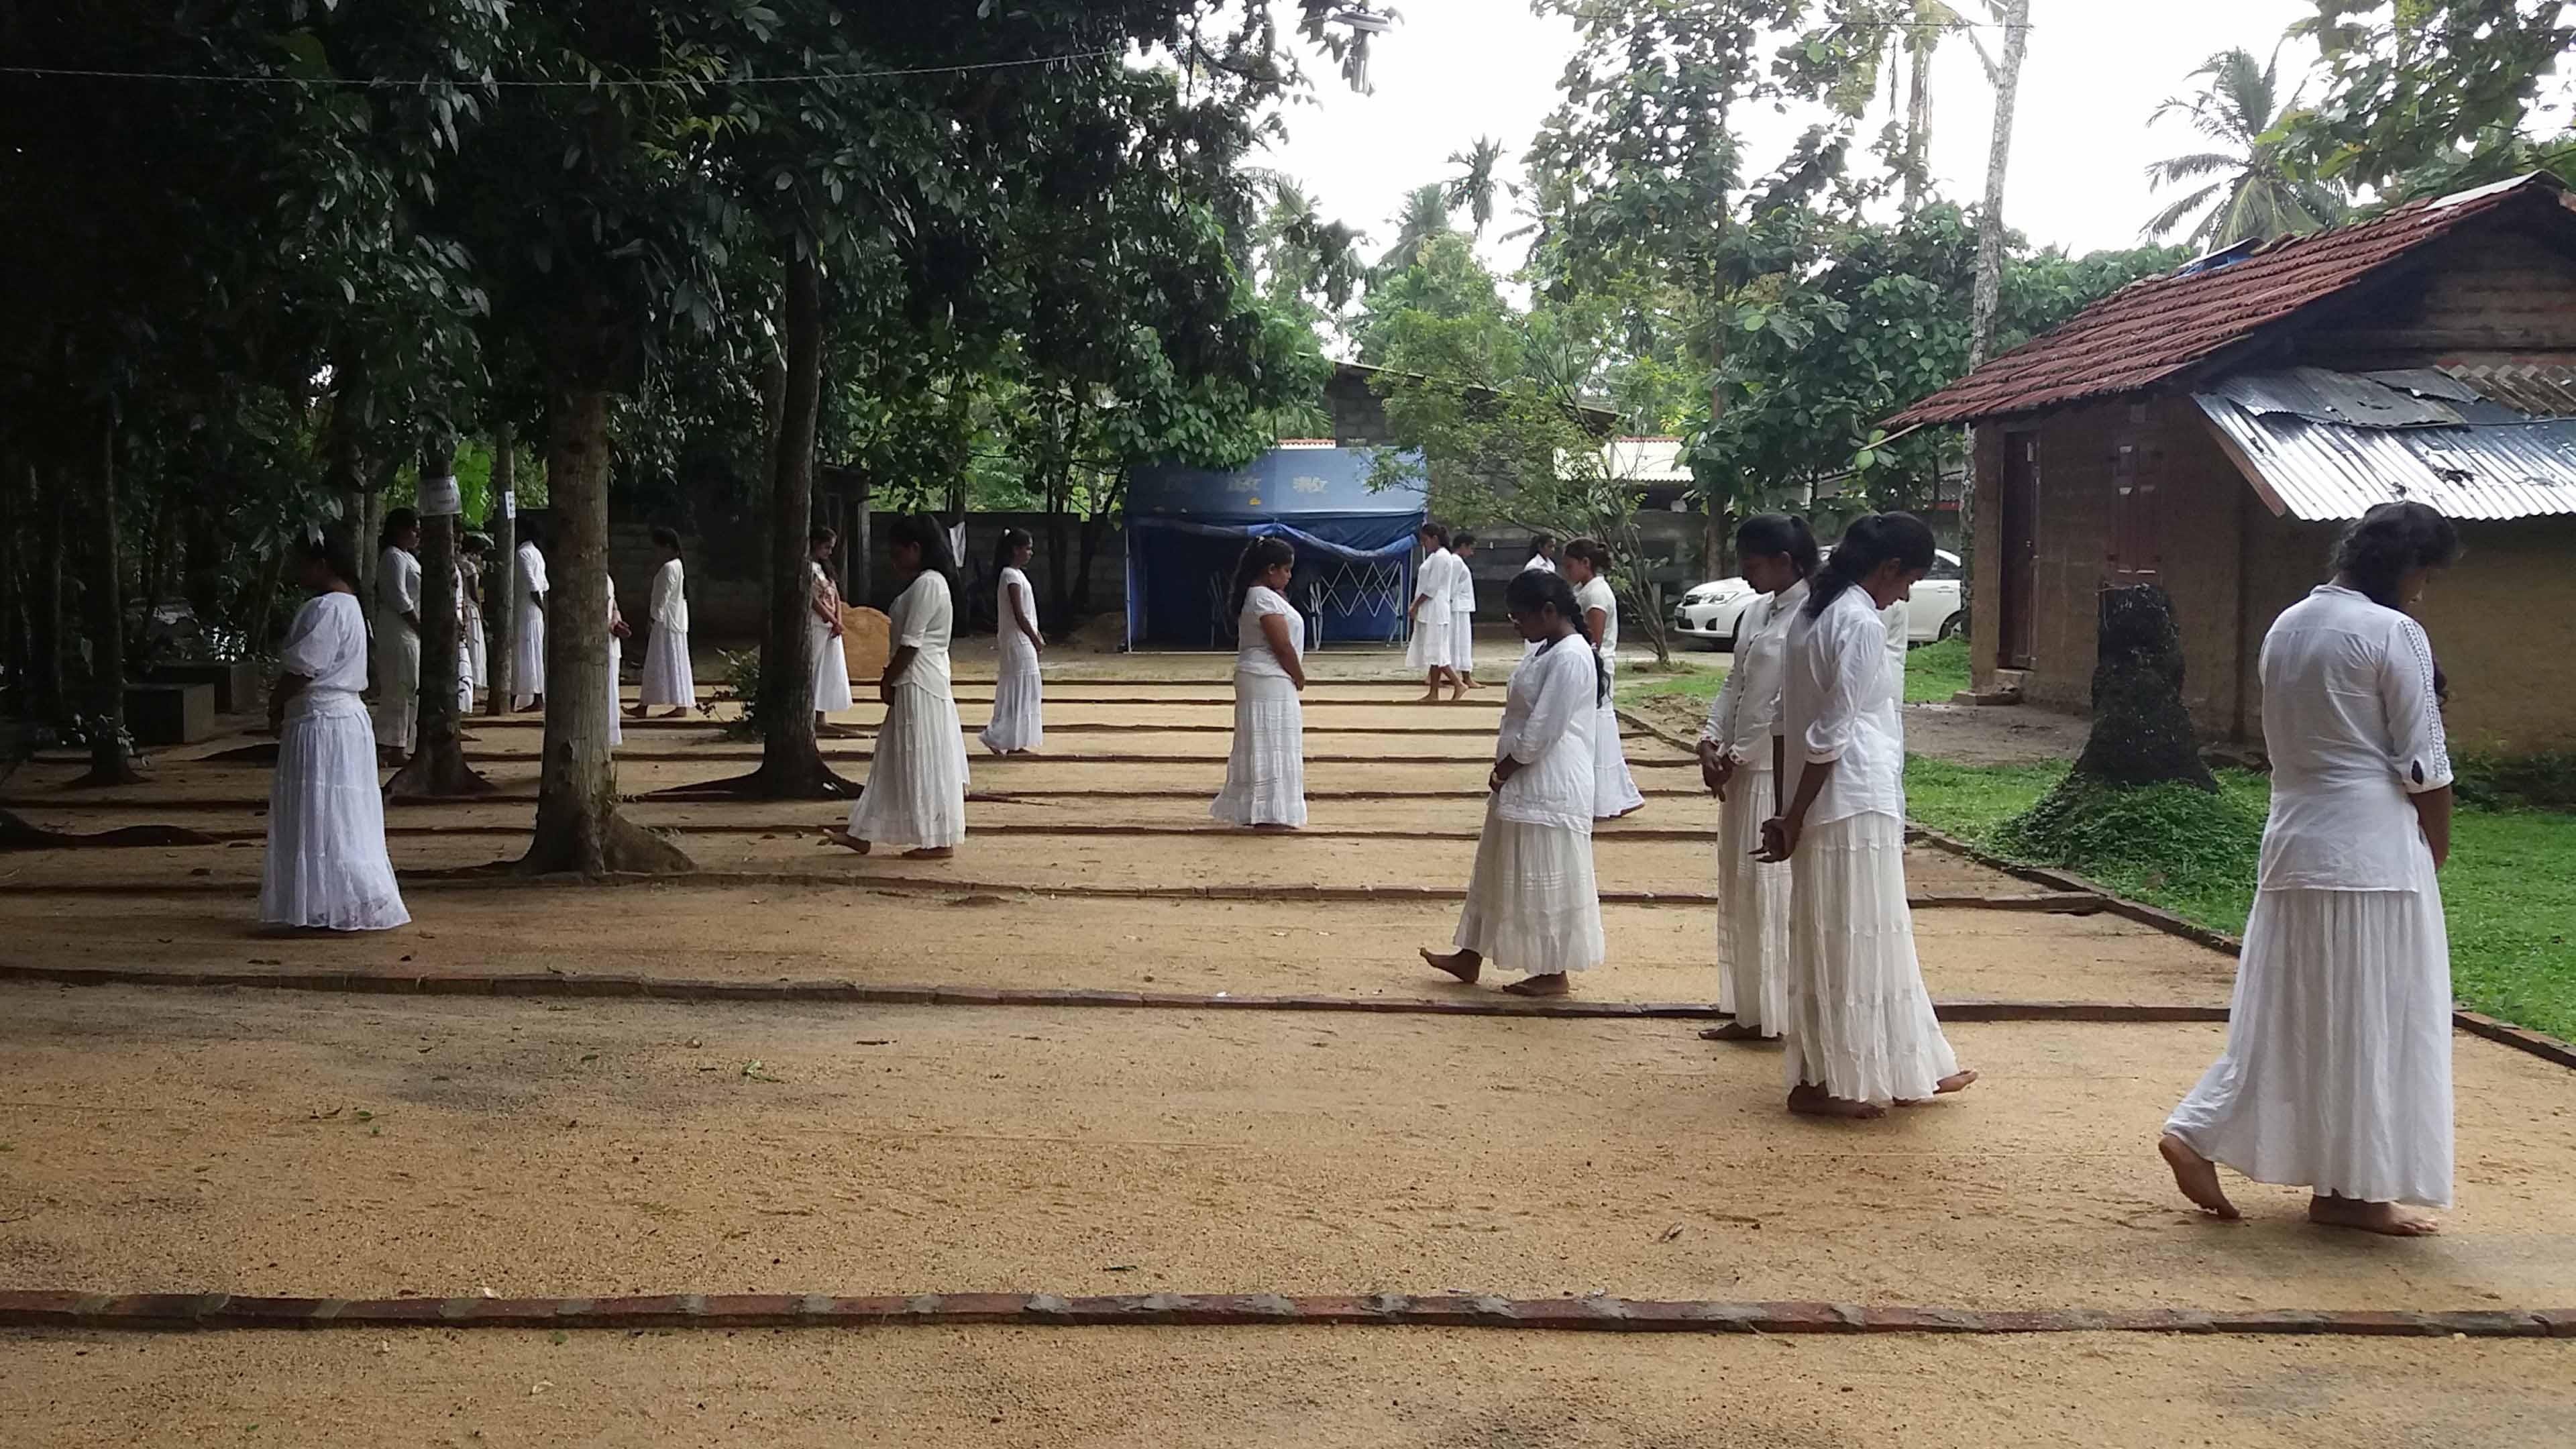 Prefects of Visakha Vidyalaya, Colombo 04 Experienced Mindfulness